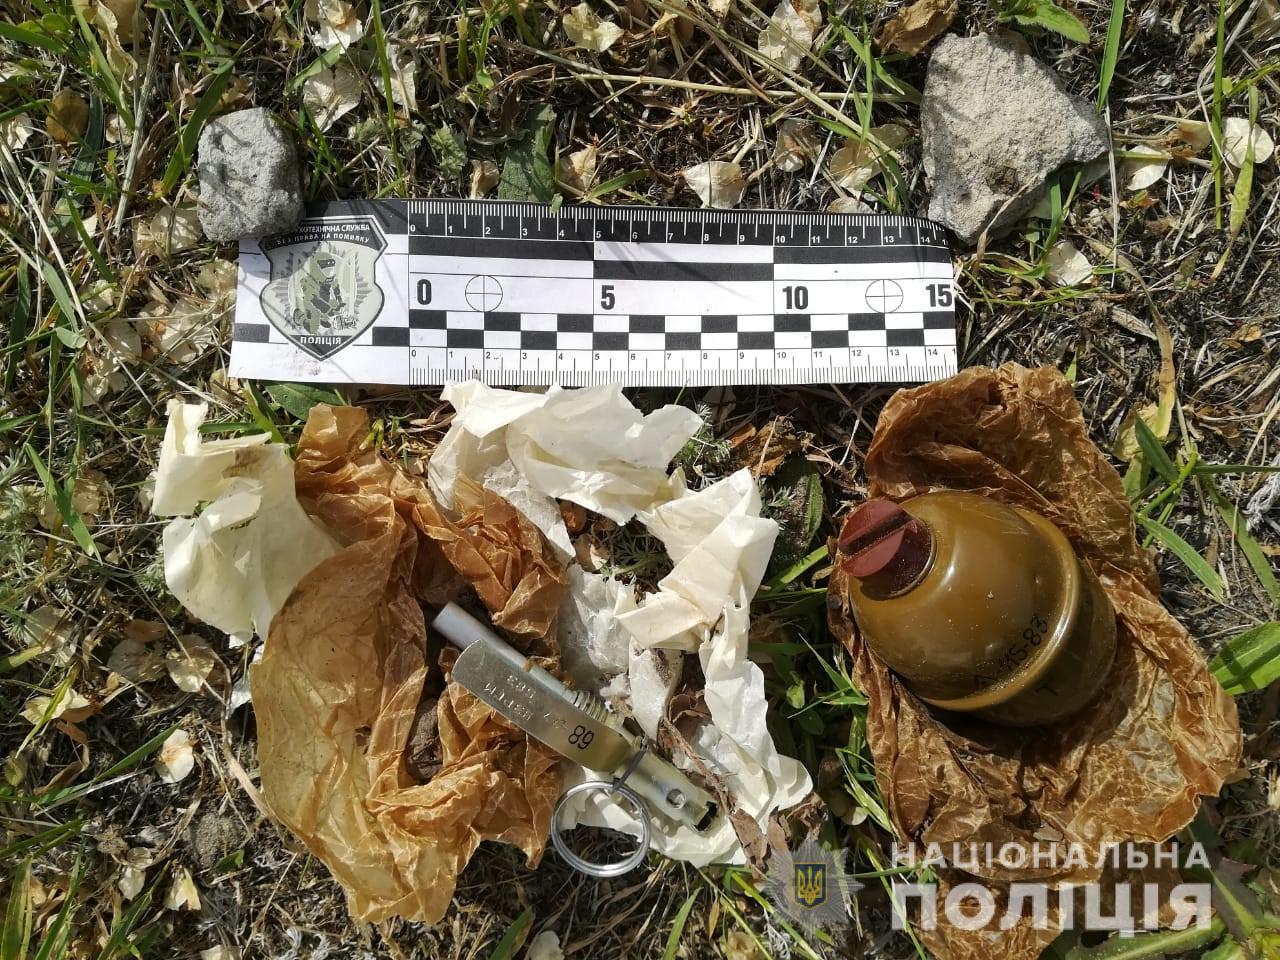 Харьковчанин нашел гранату и оставил себе, чтобы потом обменять ее на наркотики (фото)